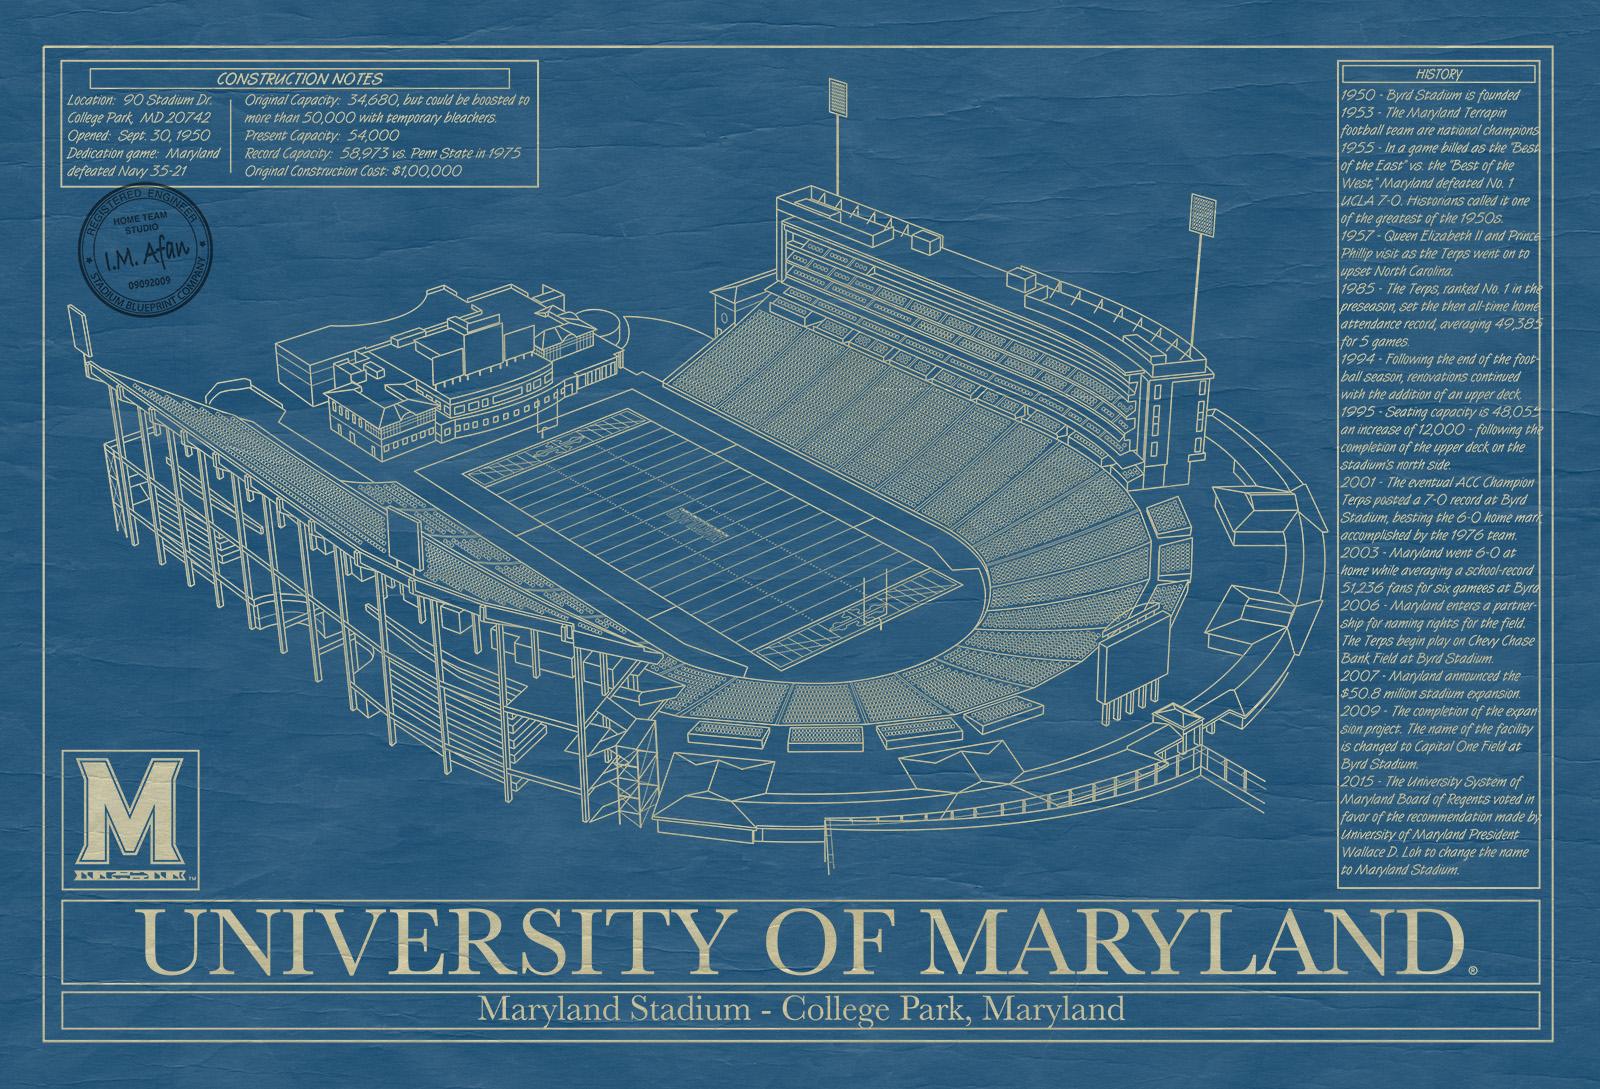 Maryland maryland stadium blueprint art stadium blueprint company click to enlarge malvernweather Image collections